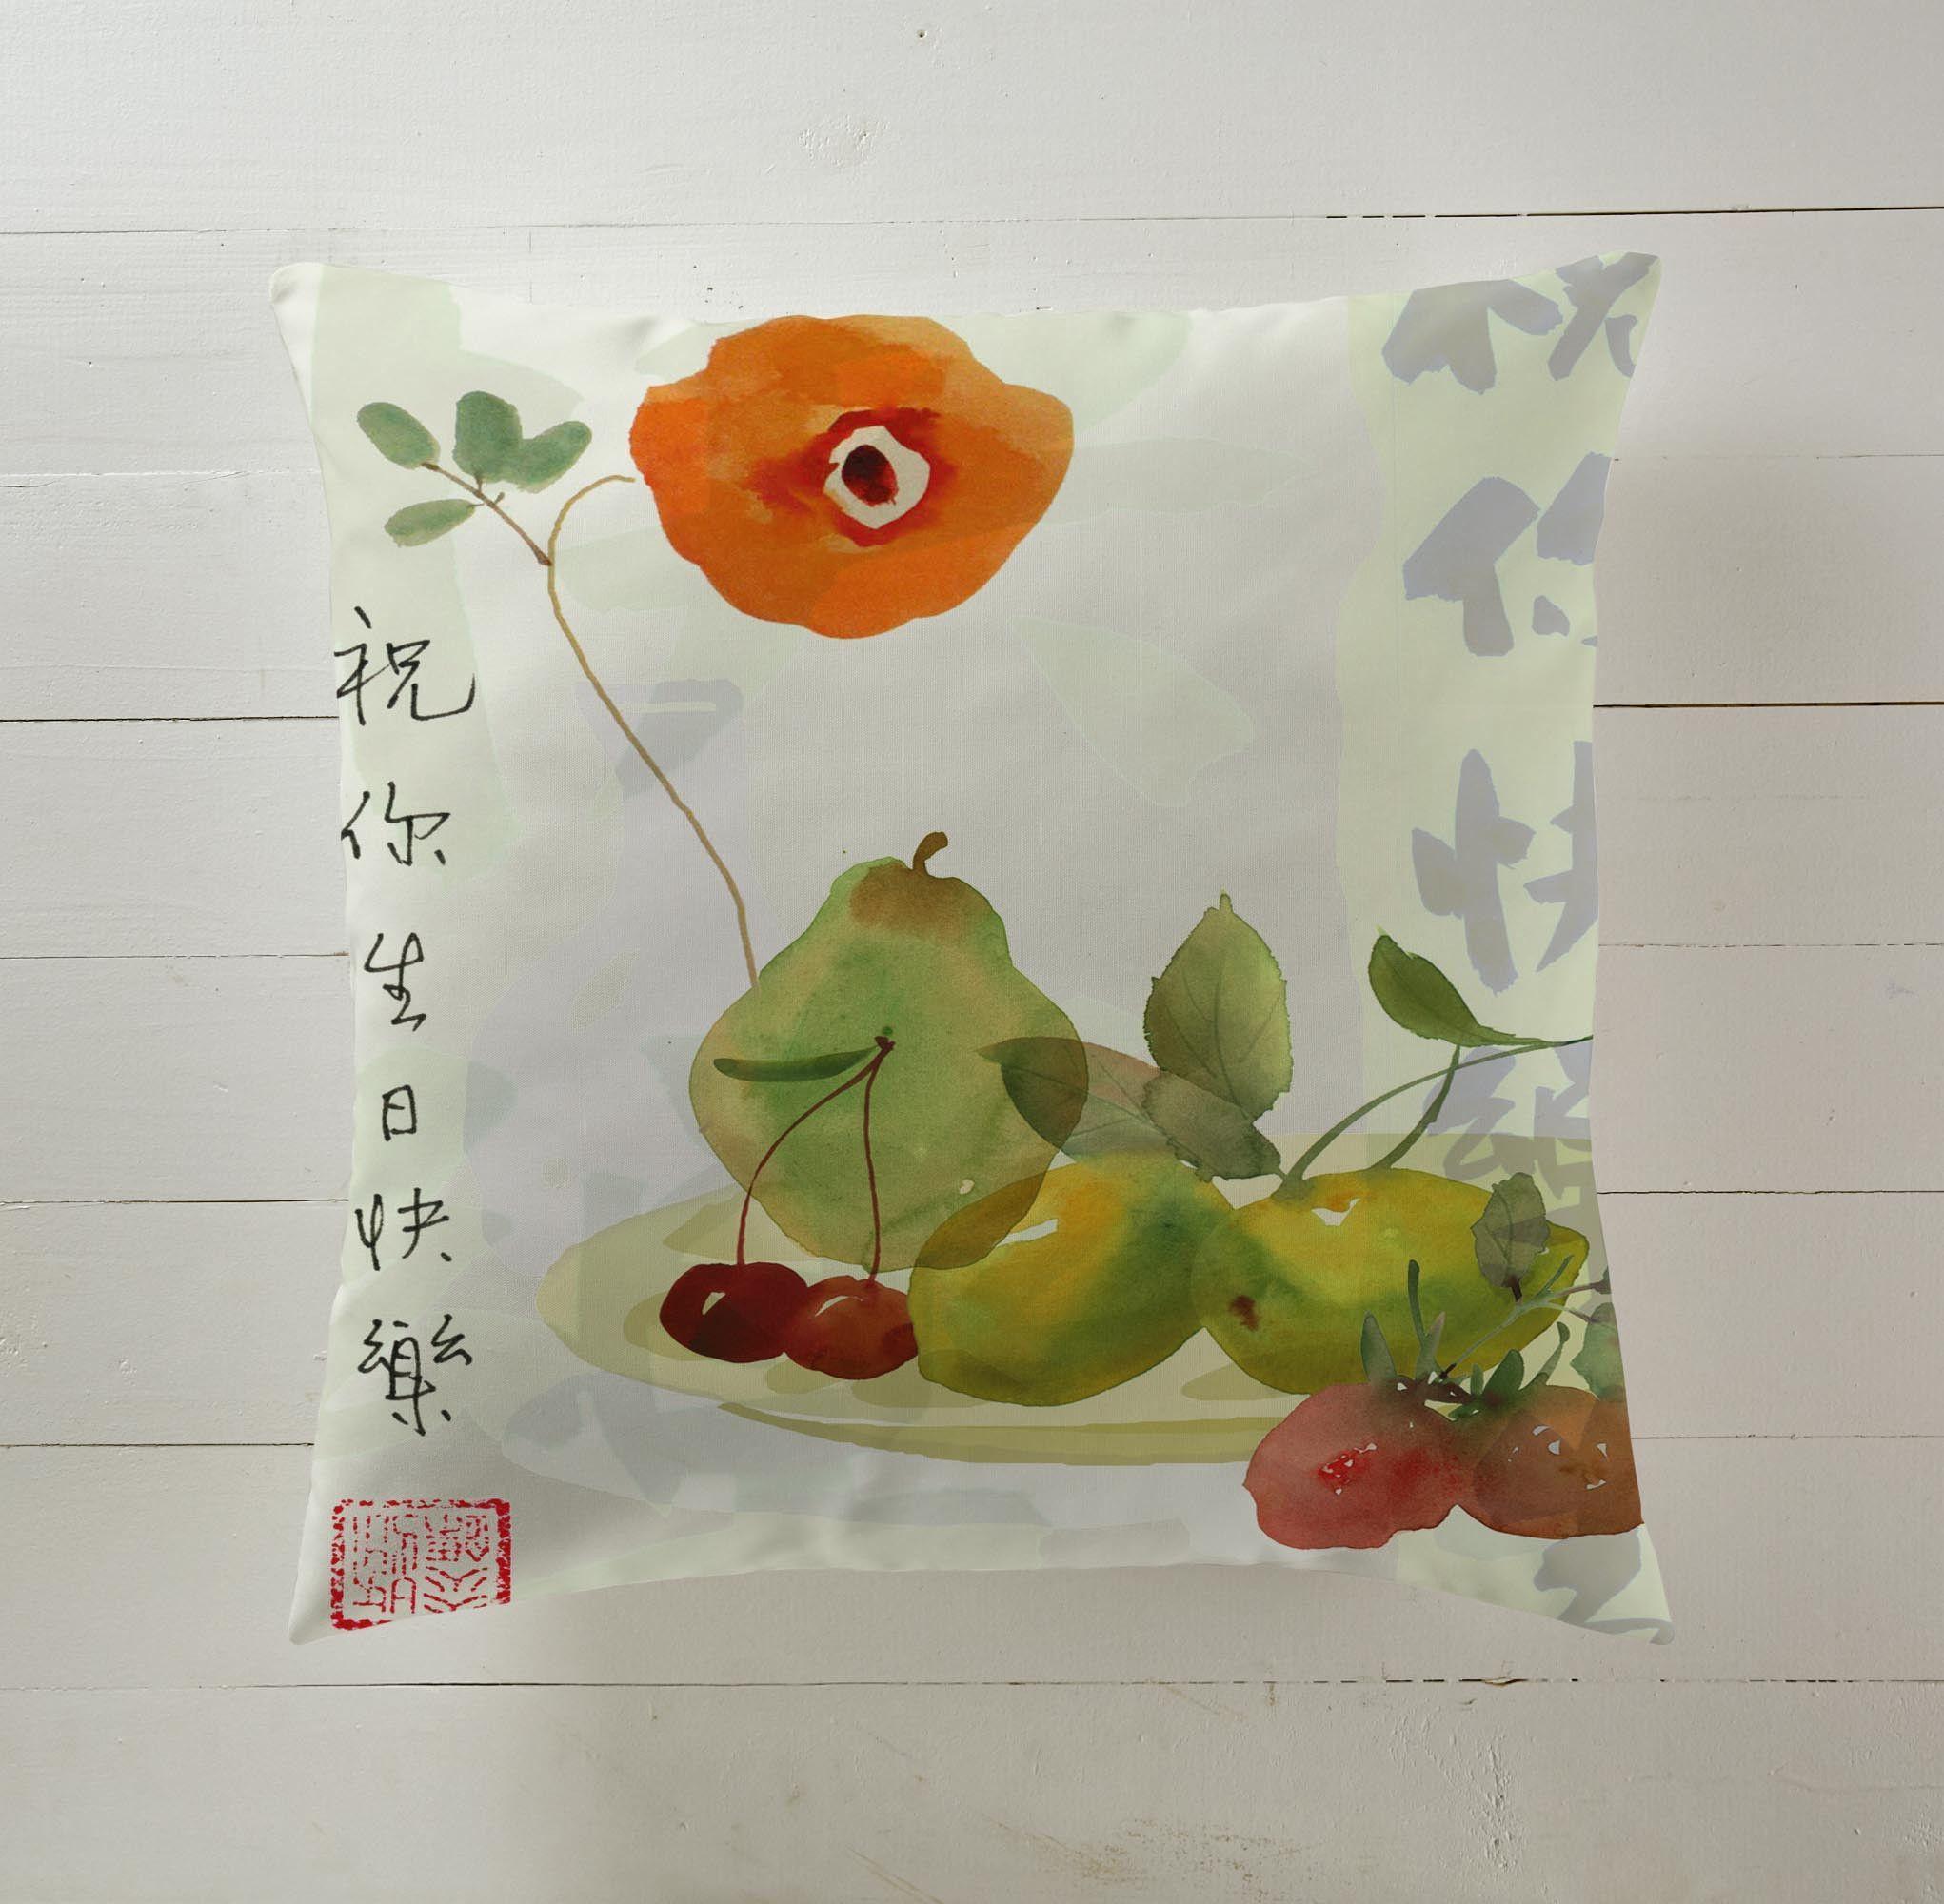 Watercolor fruit still life